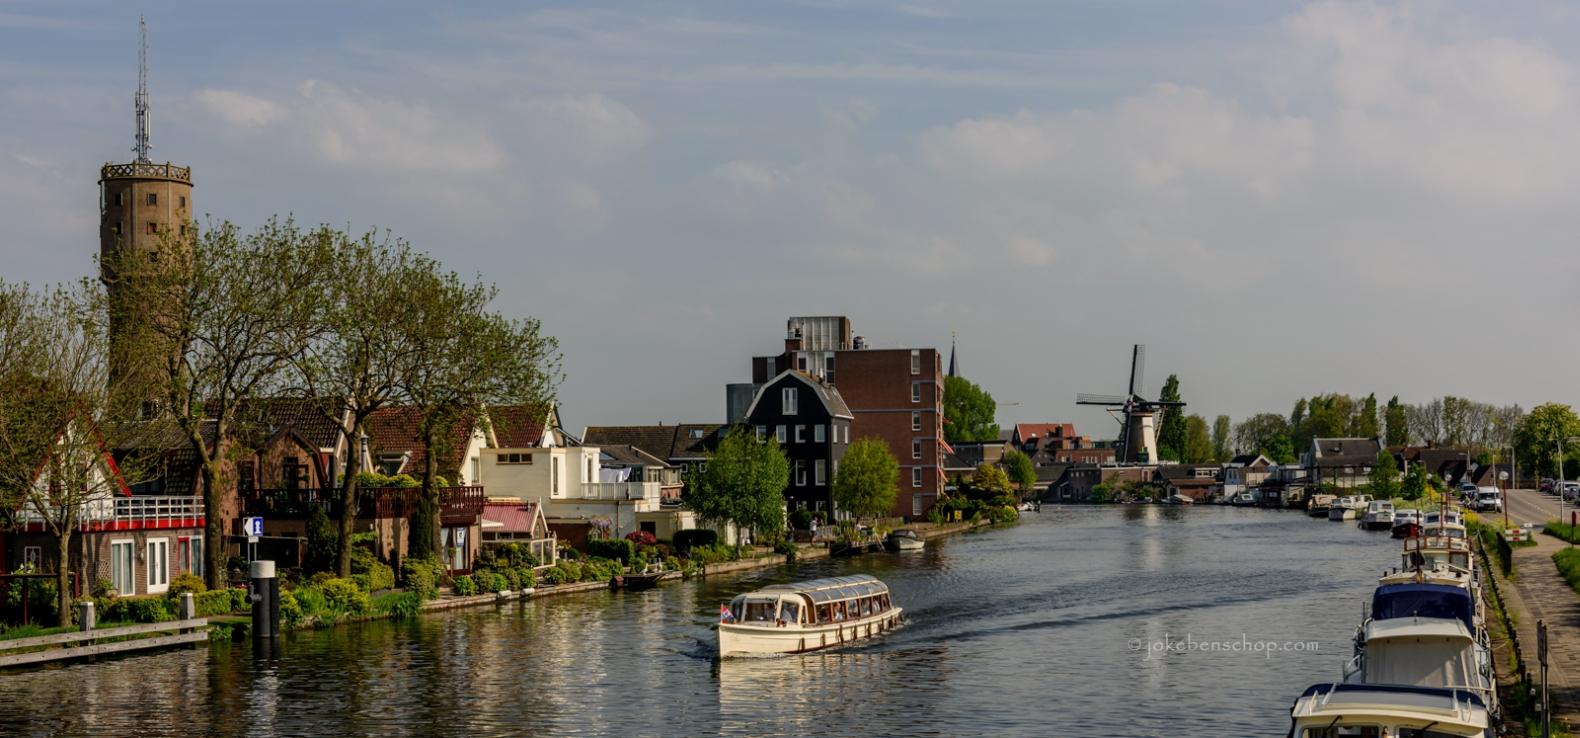 Kijk op Bodegraven-Reeuwijk